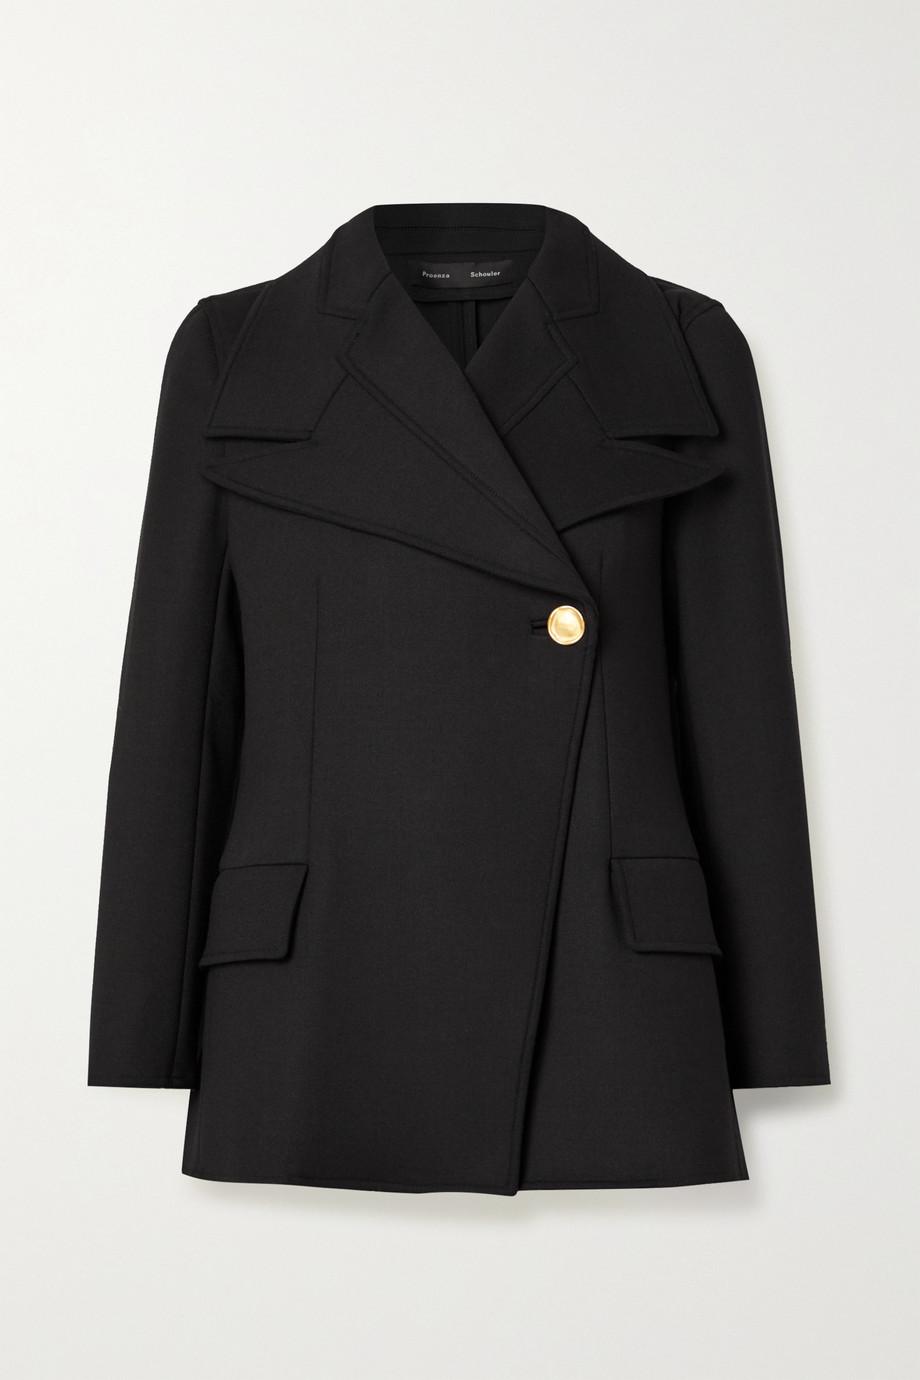 Proenza Schouler Wool-blend blazer